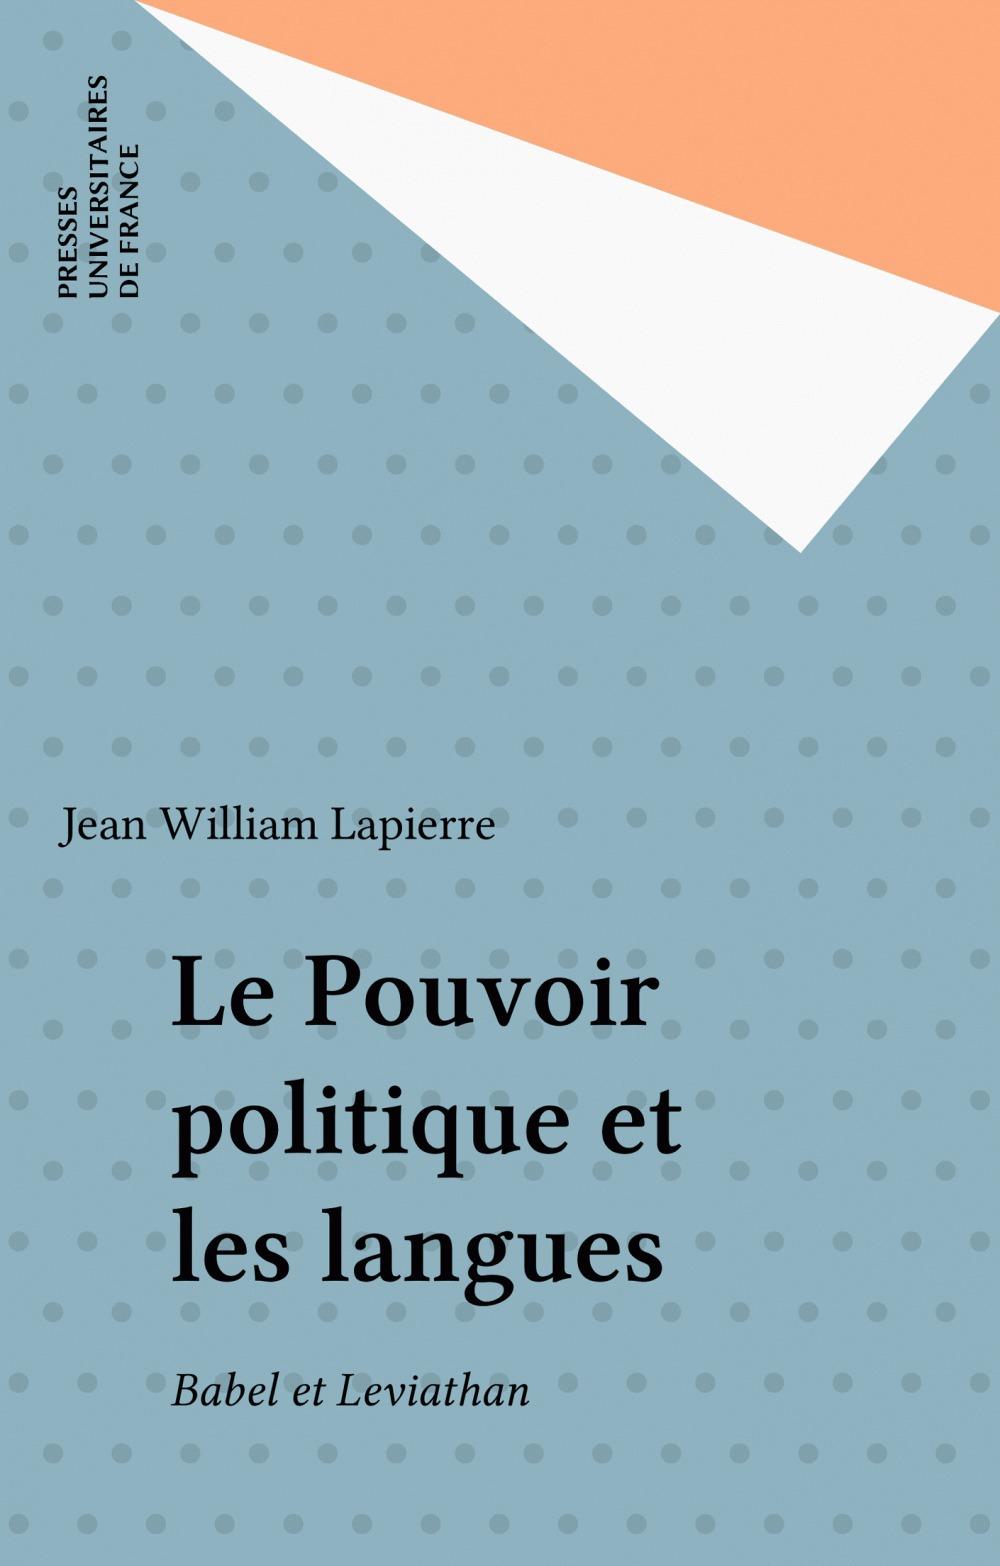 Le pouvoir politique et les langues